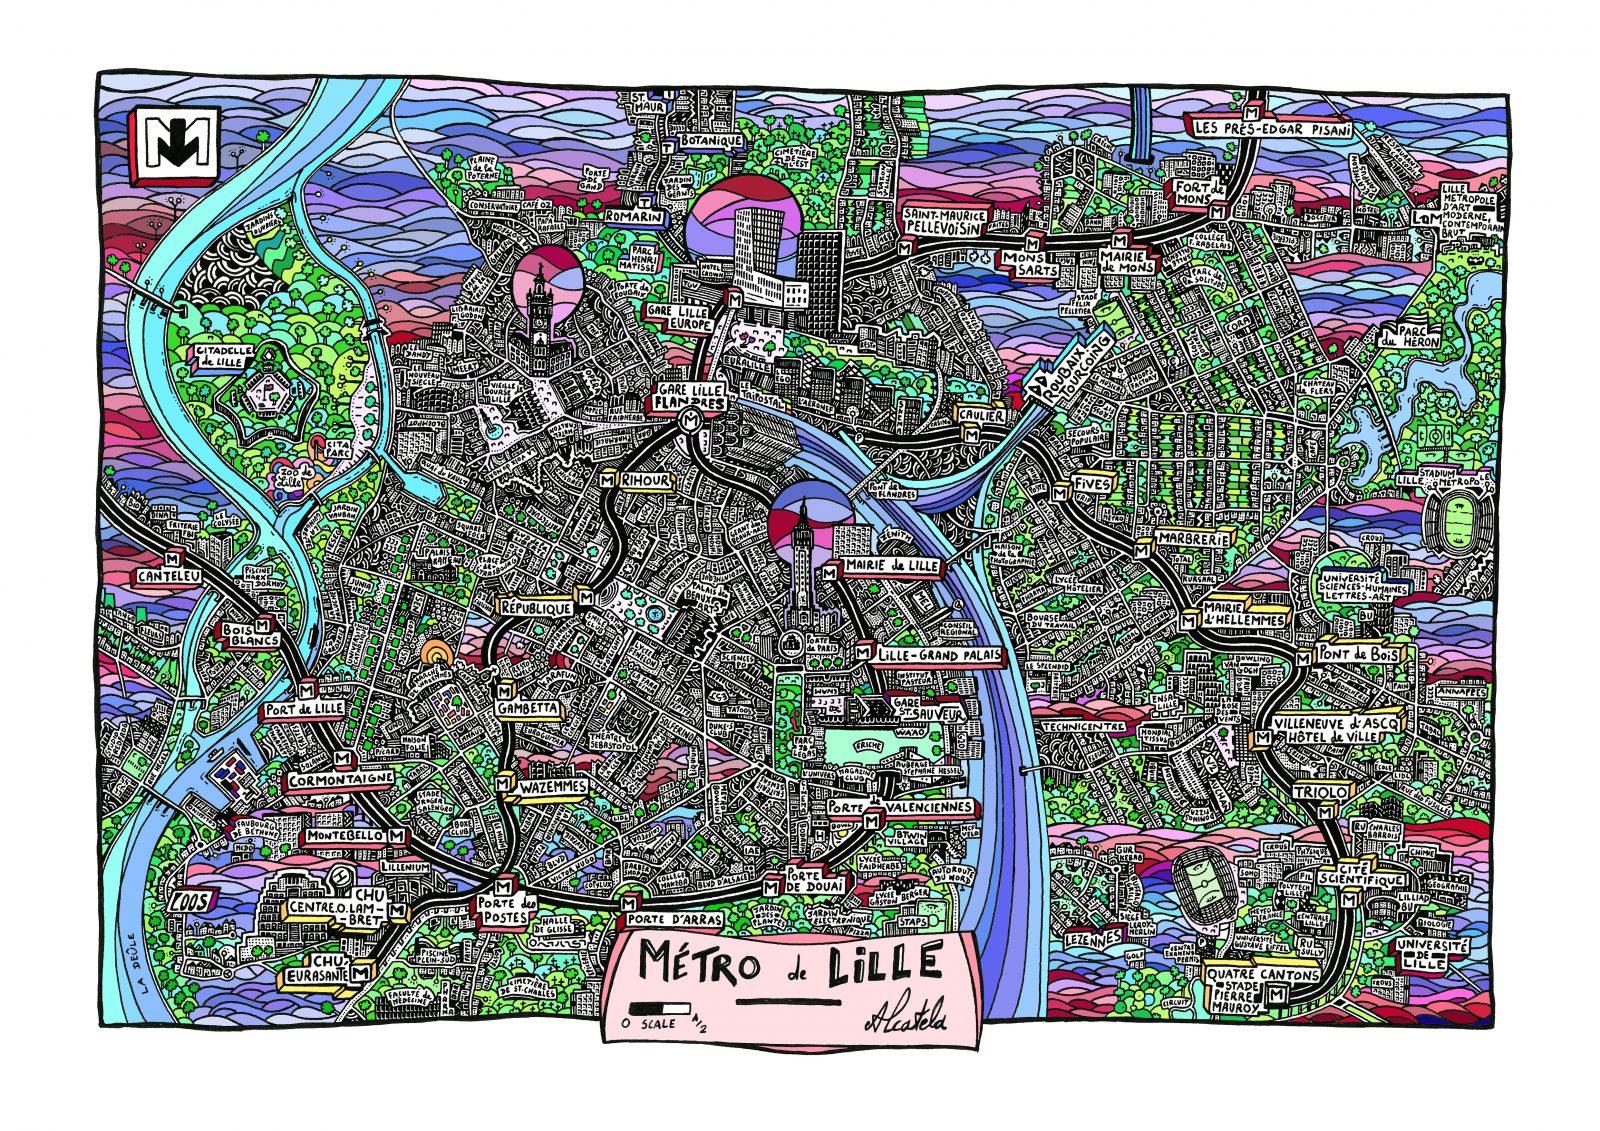 La carte de Lille par Alcatela